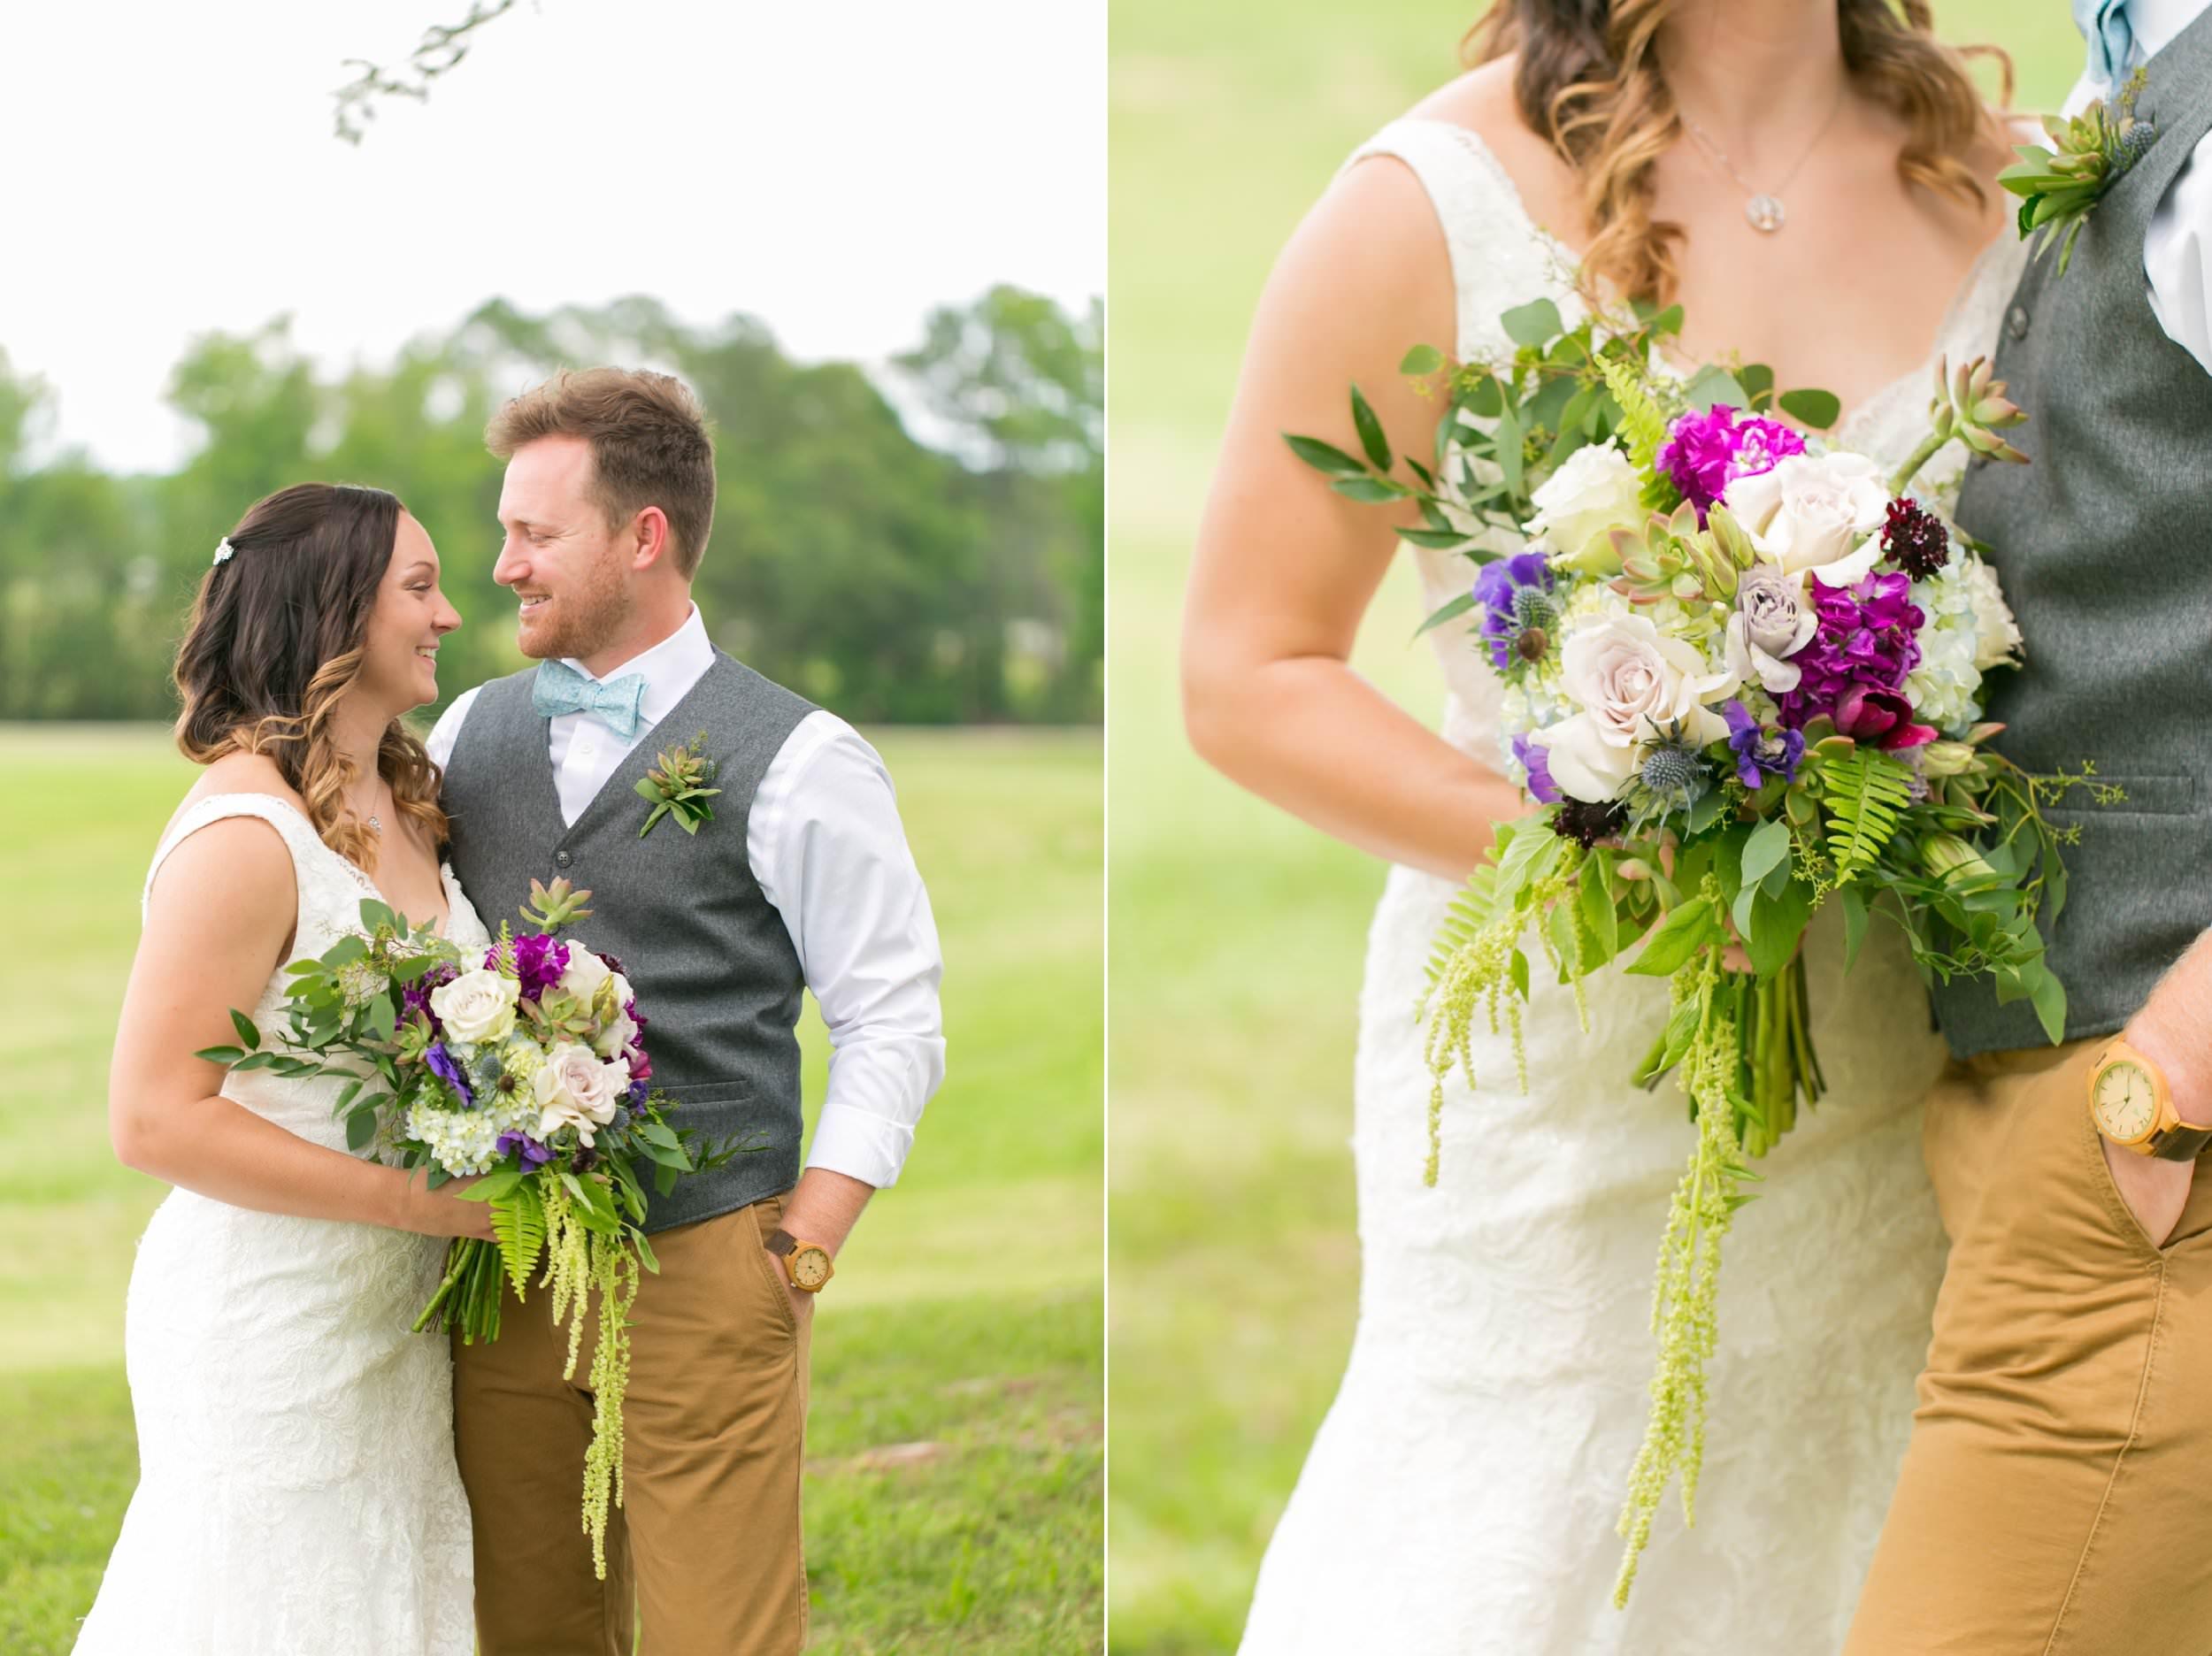 Abby-Manor-Events-Wedding-Photos20.jpg